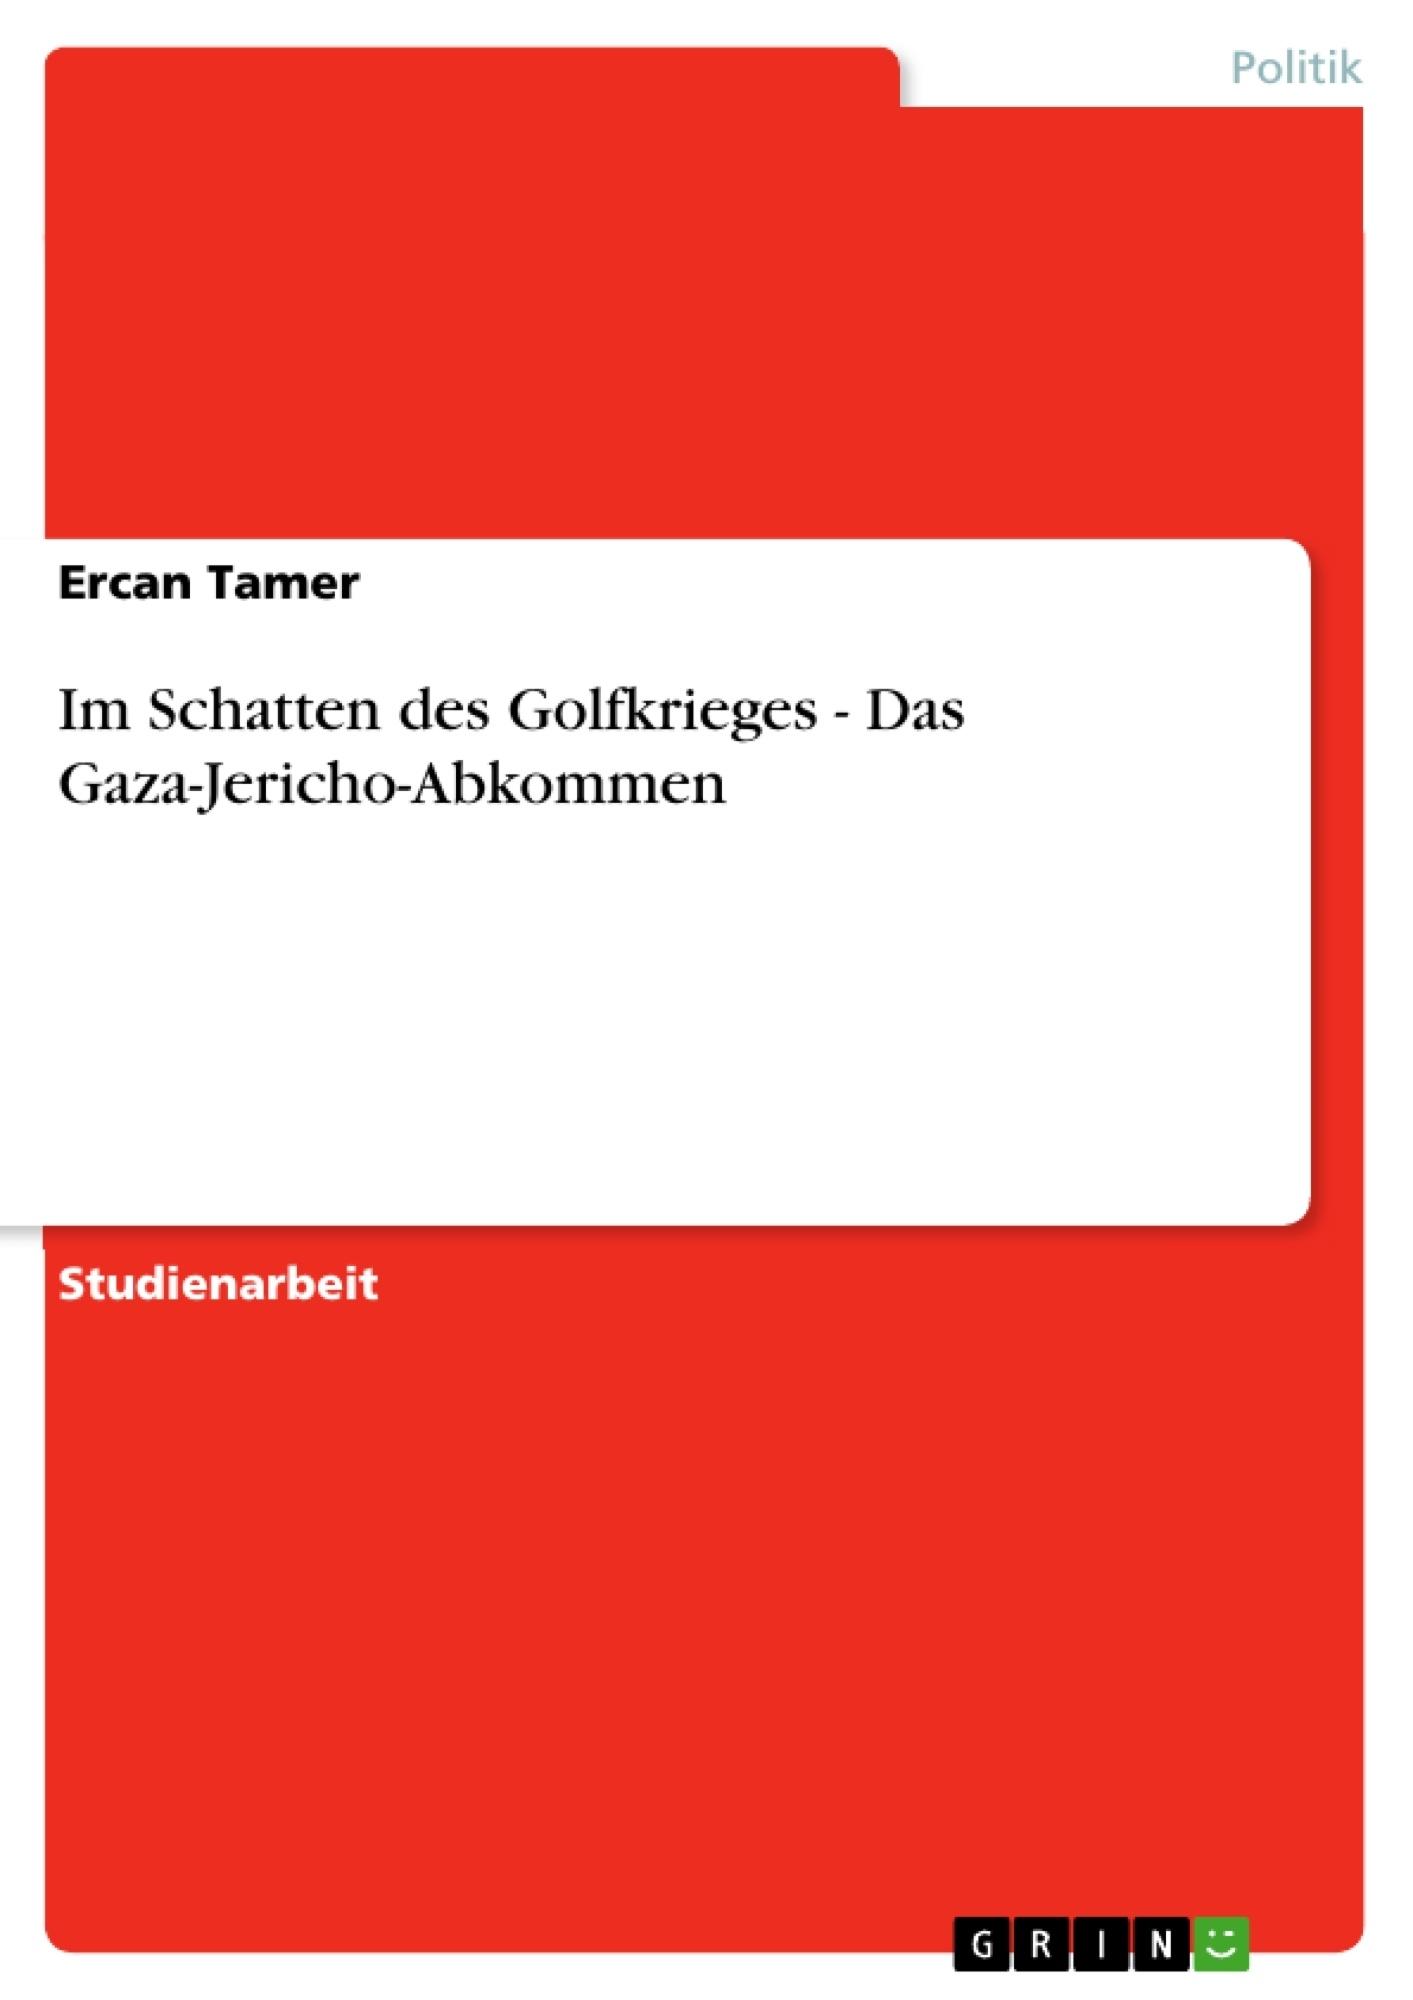 Titel: Im Schatten des Golfkrieges - Das Gaza-Jericho-Abkommen